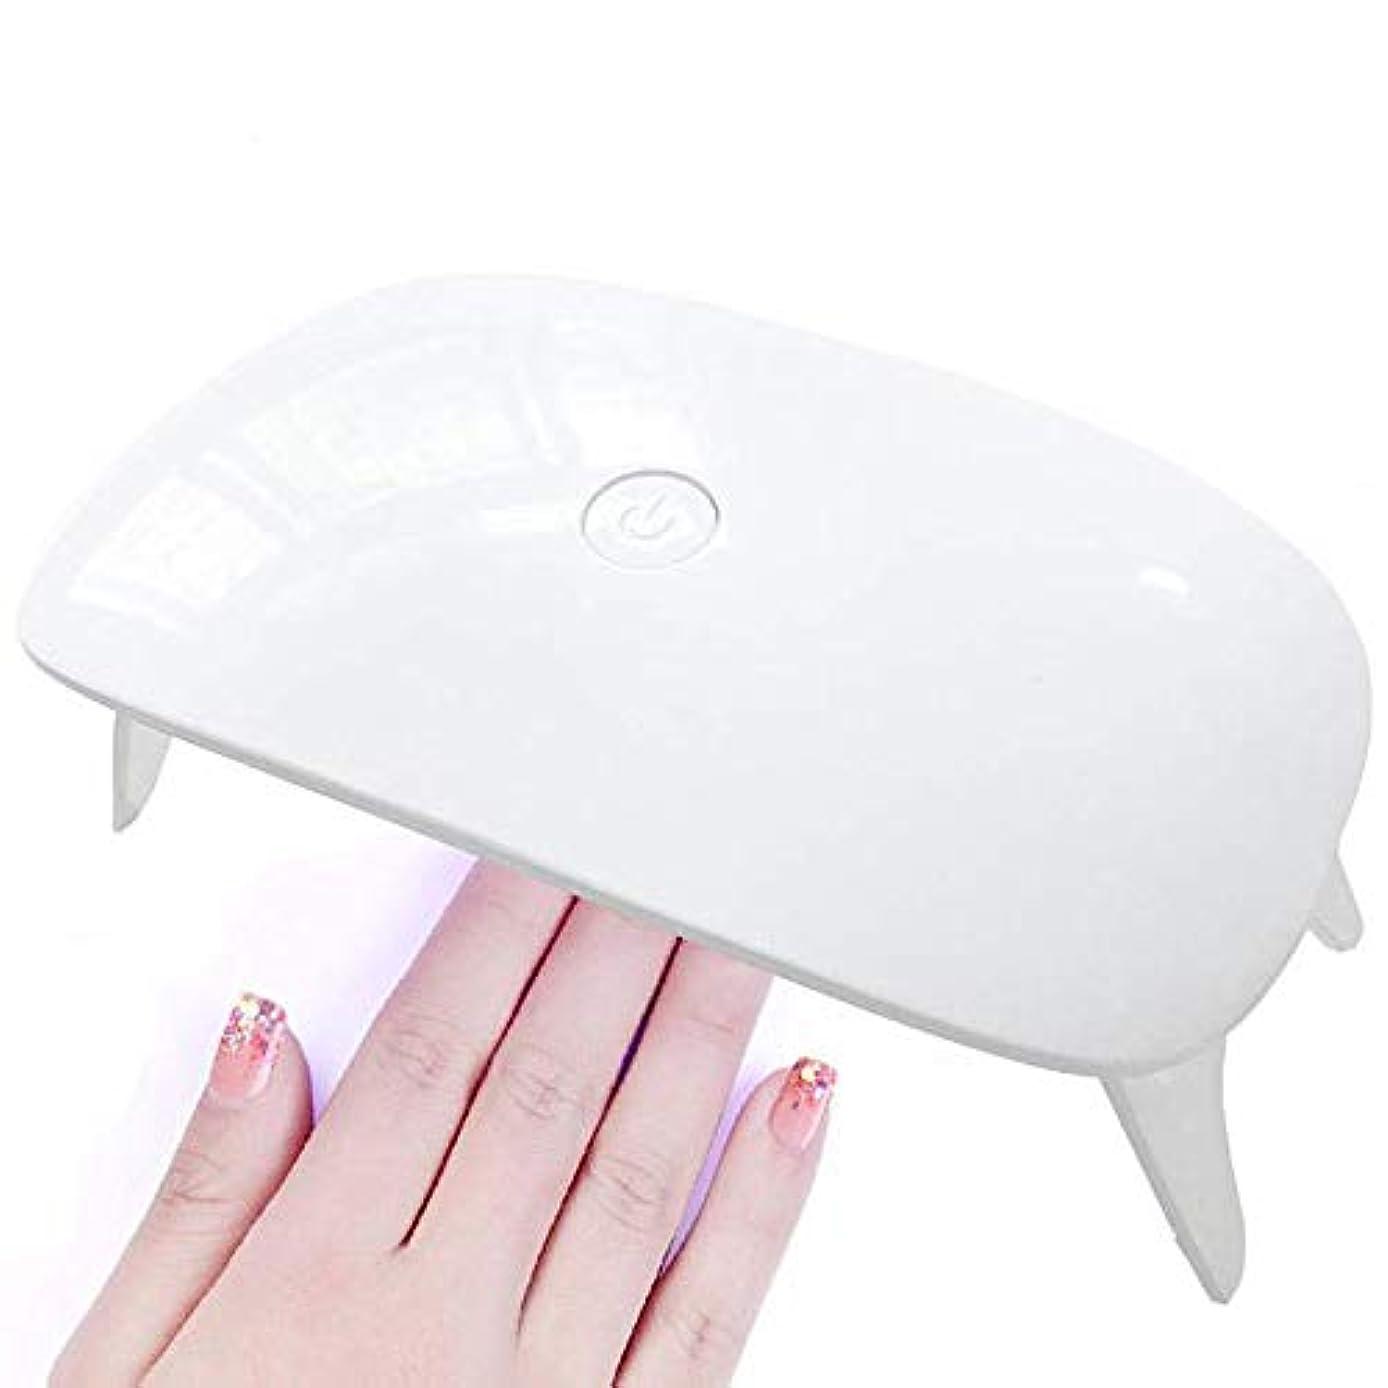 ホバート不利益ベーシックネイルドライヤー UVライト LED 硬化ライトダブルライト ジェルネイル と